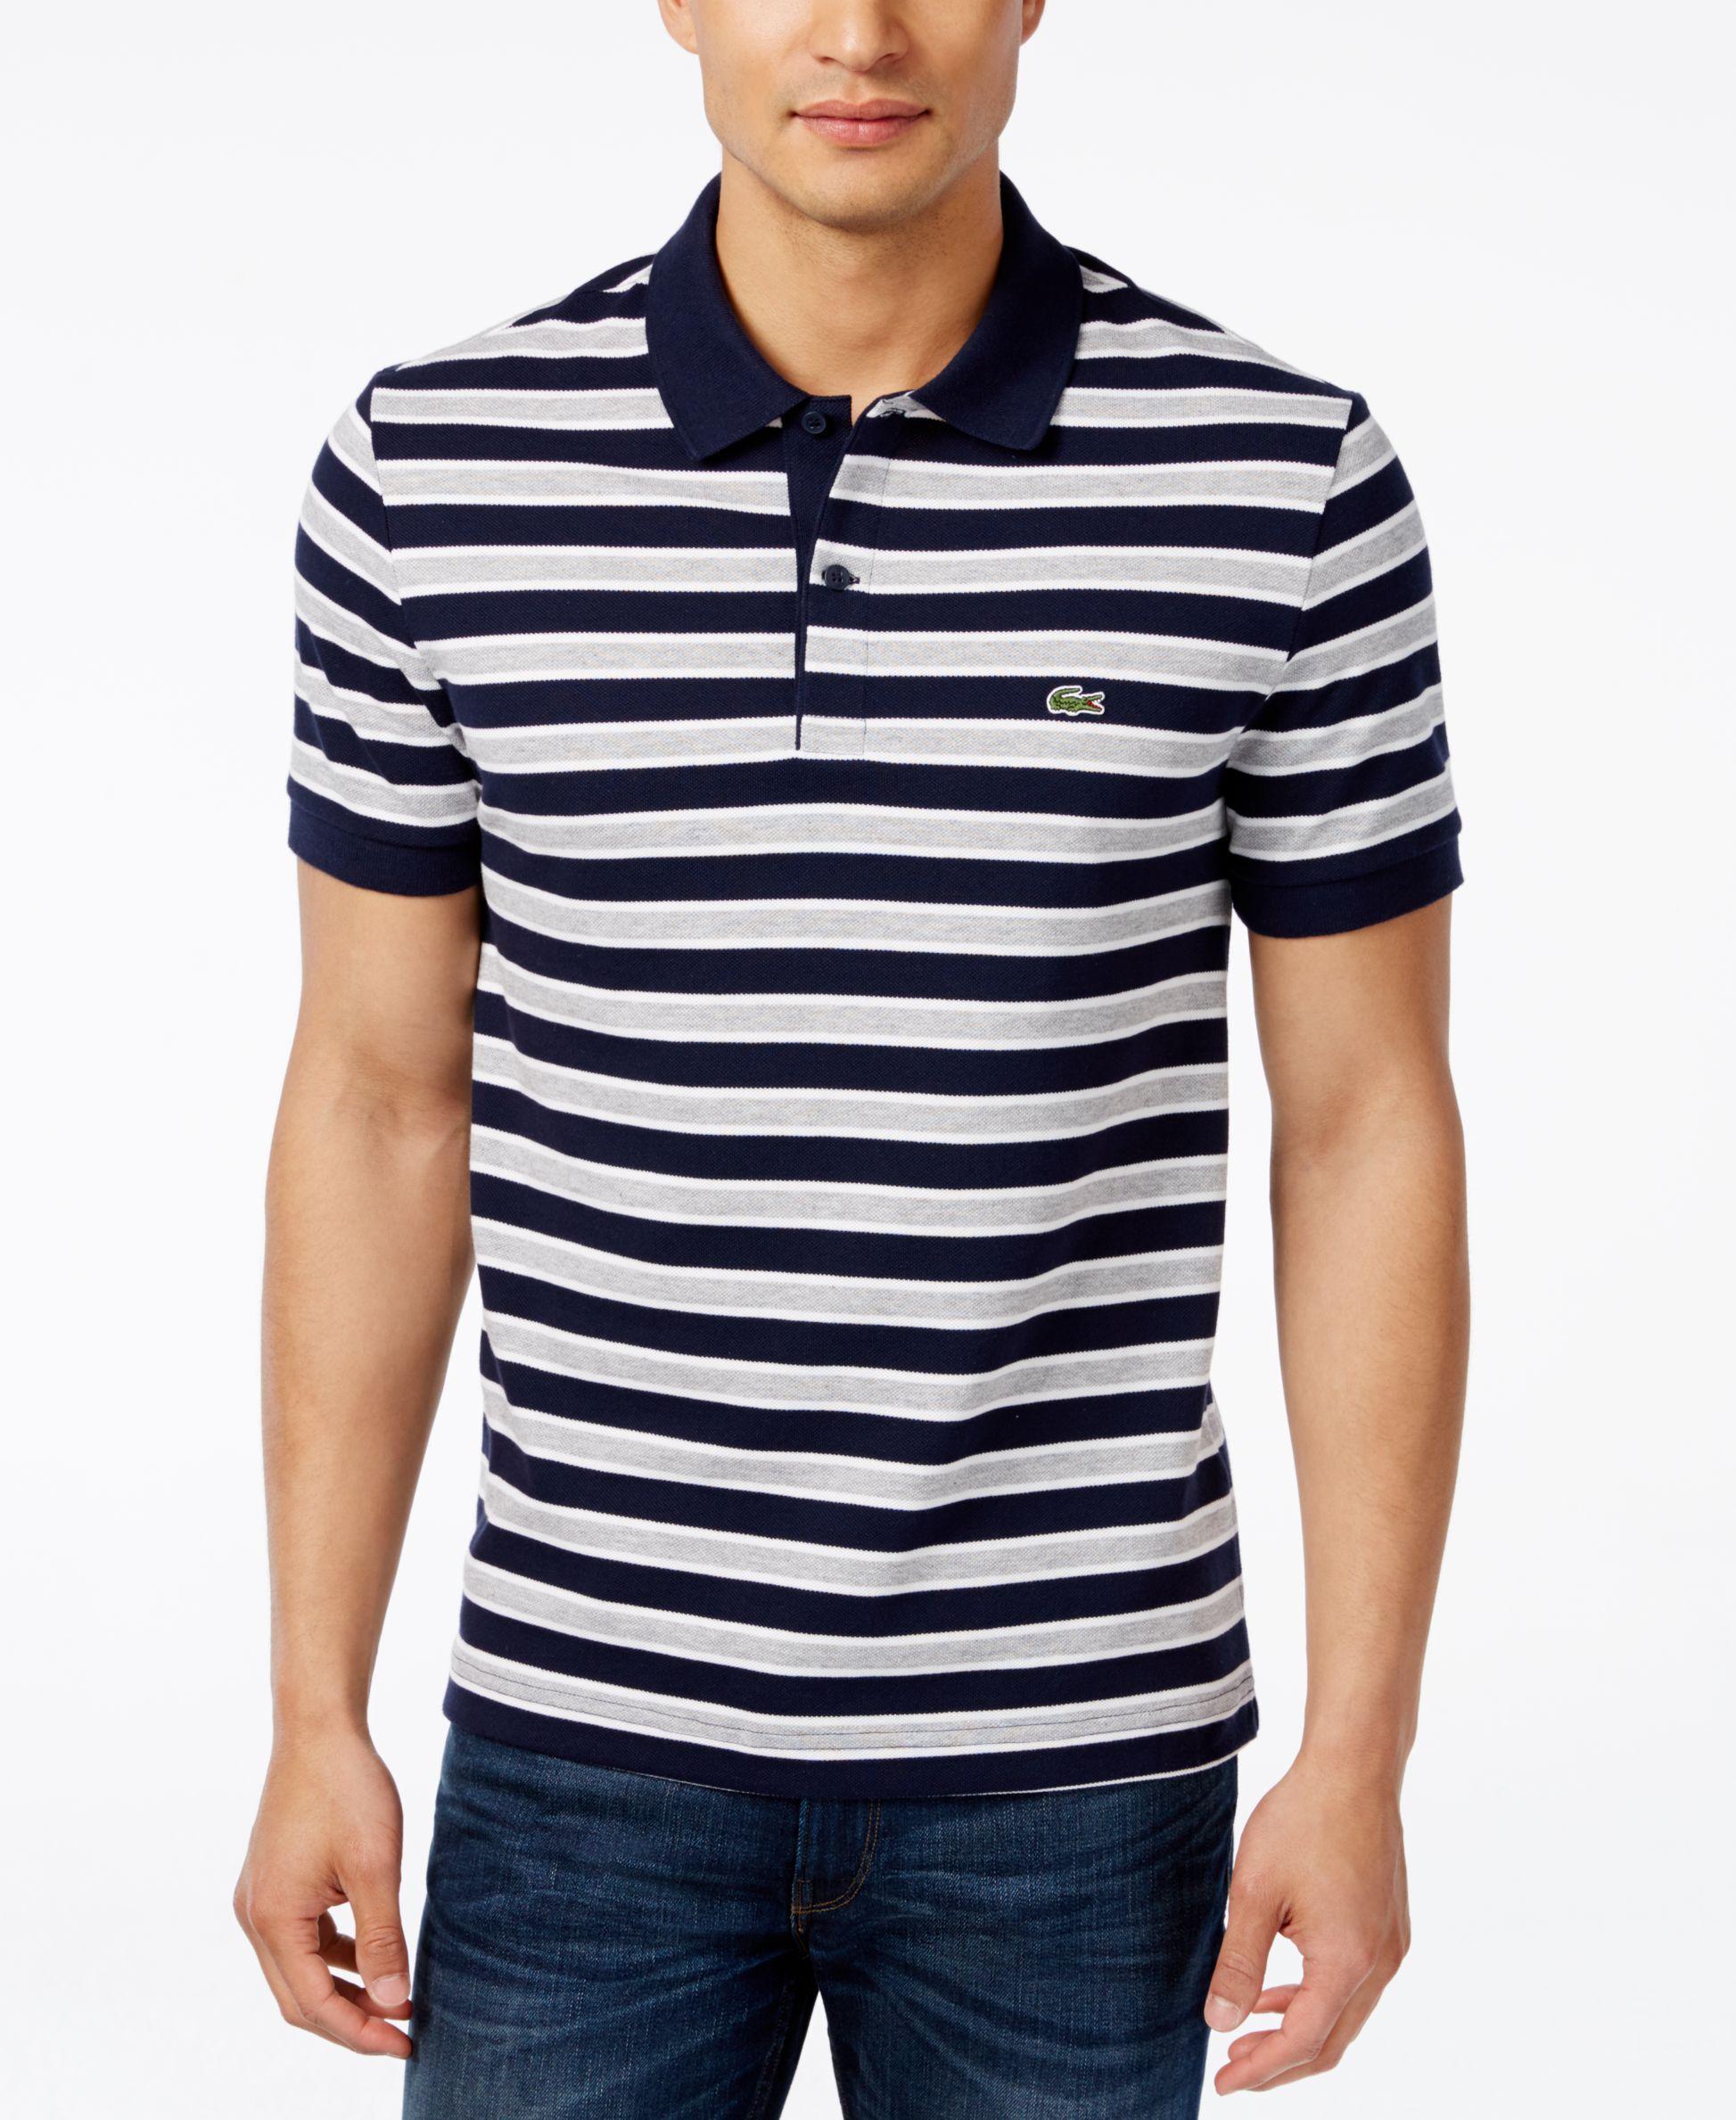 19c20322 Lacoste Men's Stripe Pique Polo | Shots | Lacoste men, Polo, Mens ...